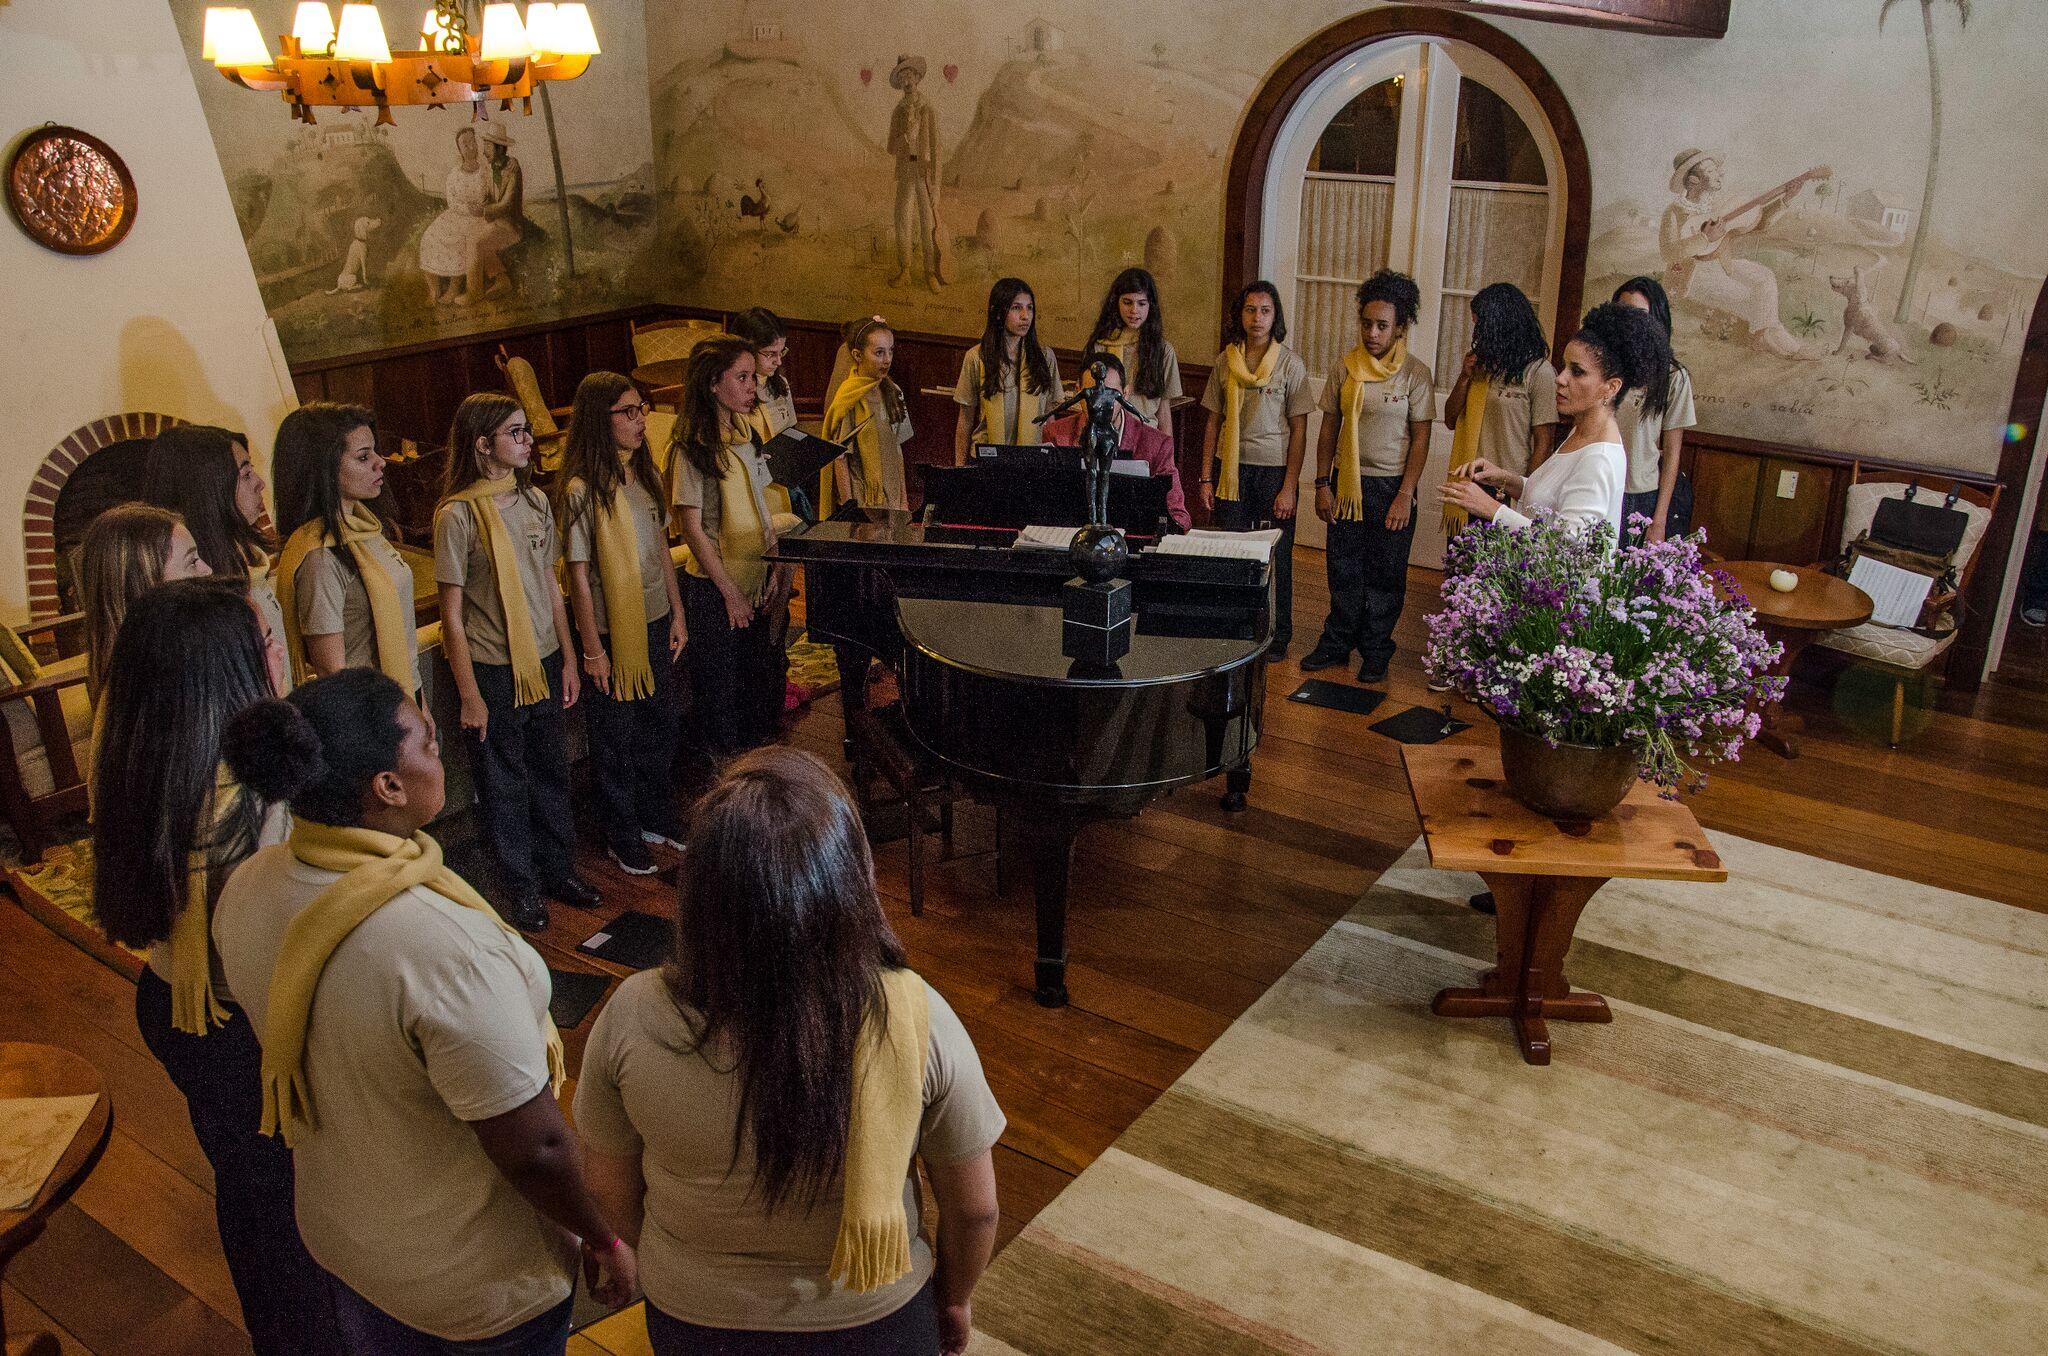 Concerto Meninas Cantoras de Campos do Jordão @ Mercado São Bento